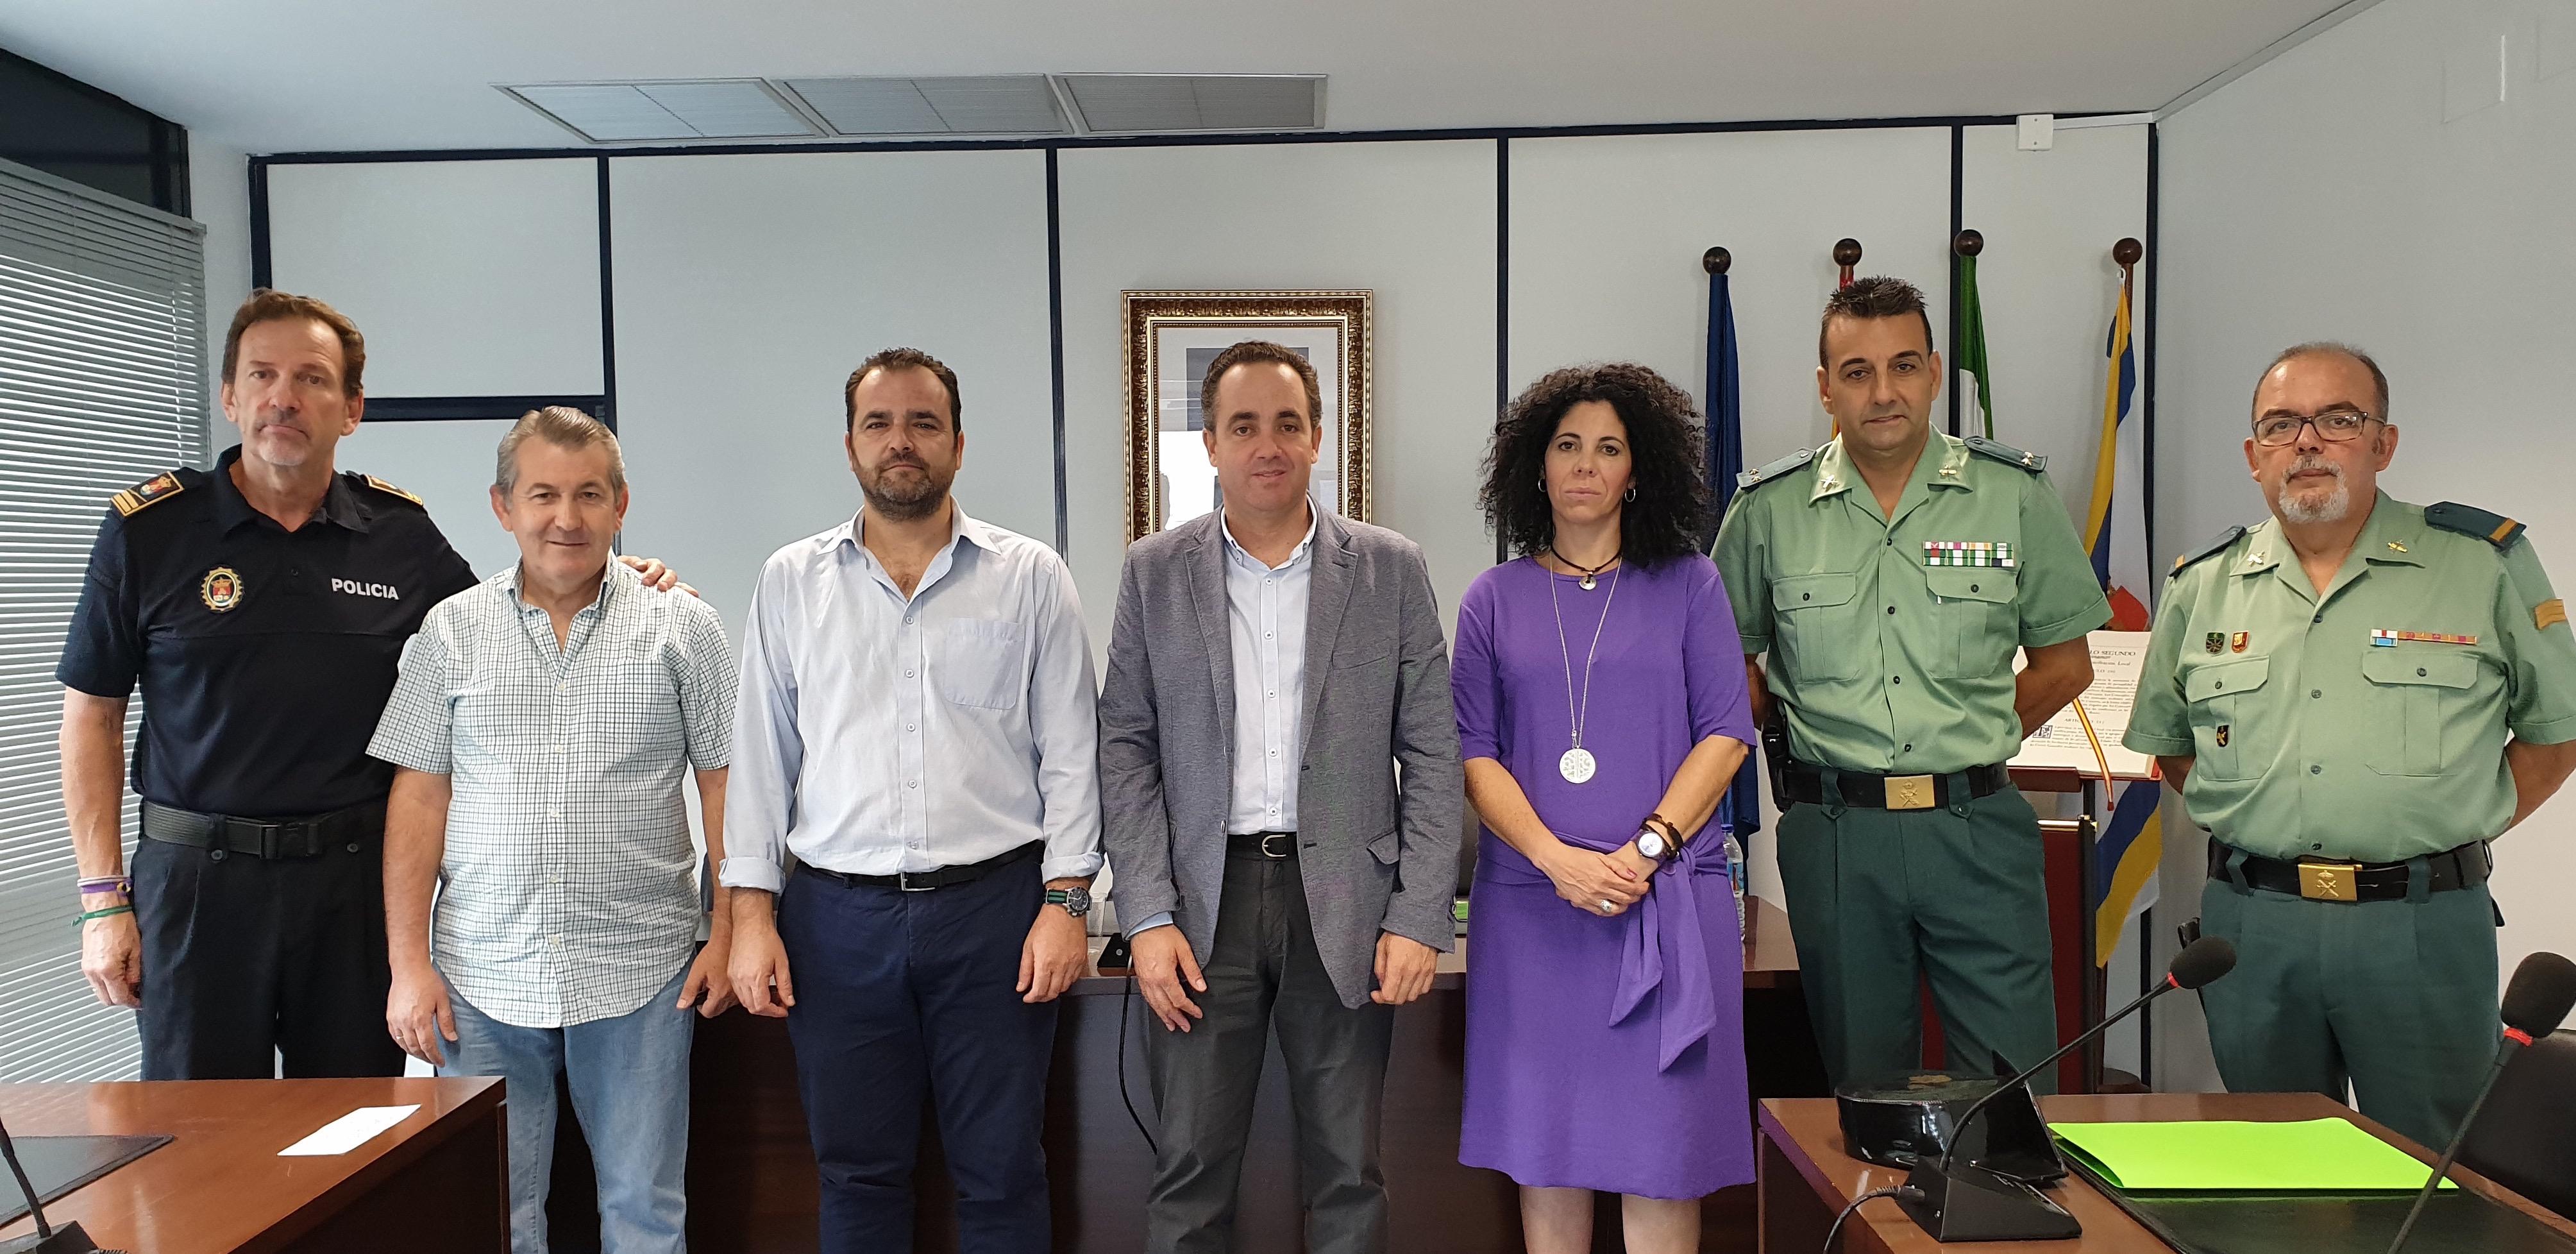 El Plan Local de Seguridad de la Romería de Torrijos se activará por primera vez el jueves anterior y finalizará el martes